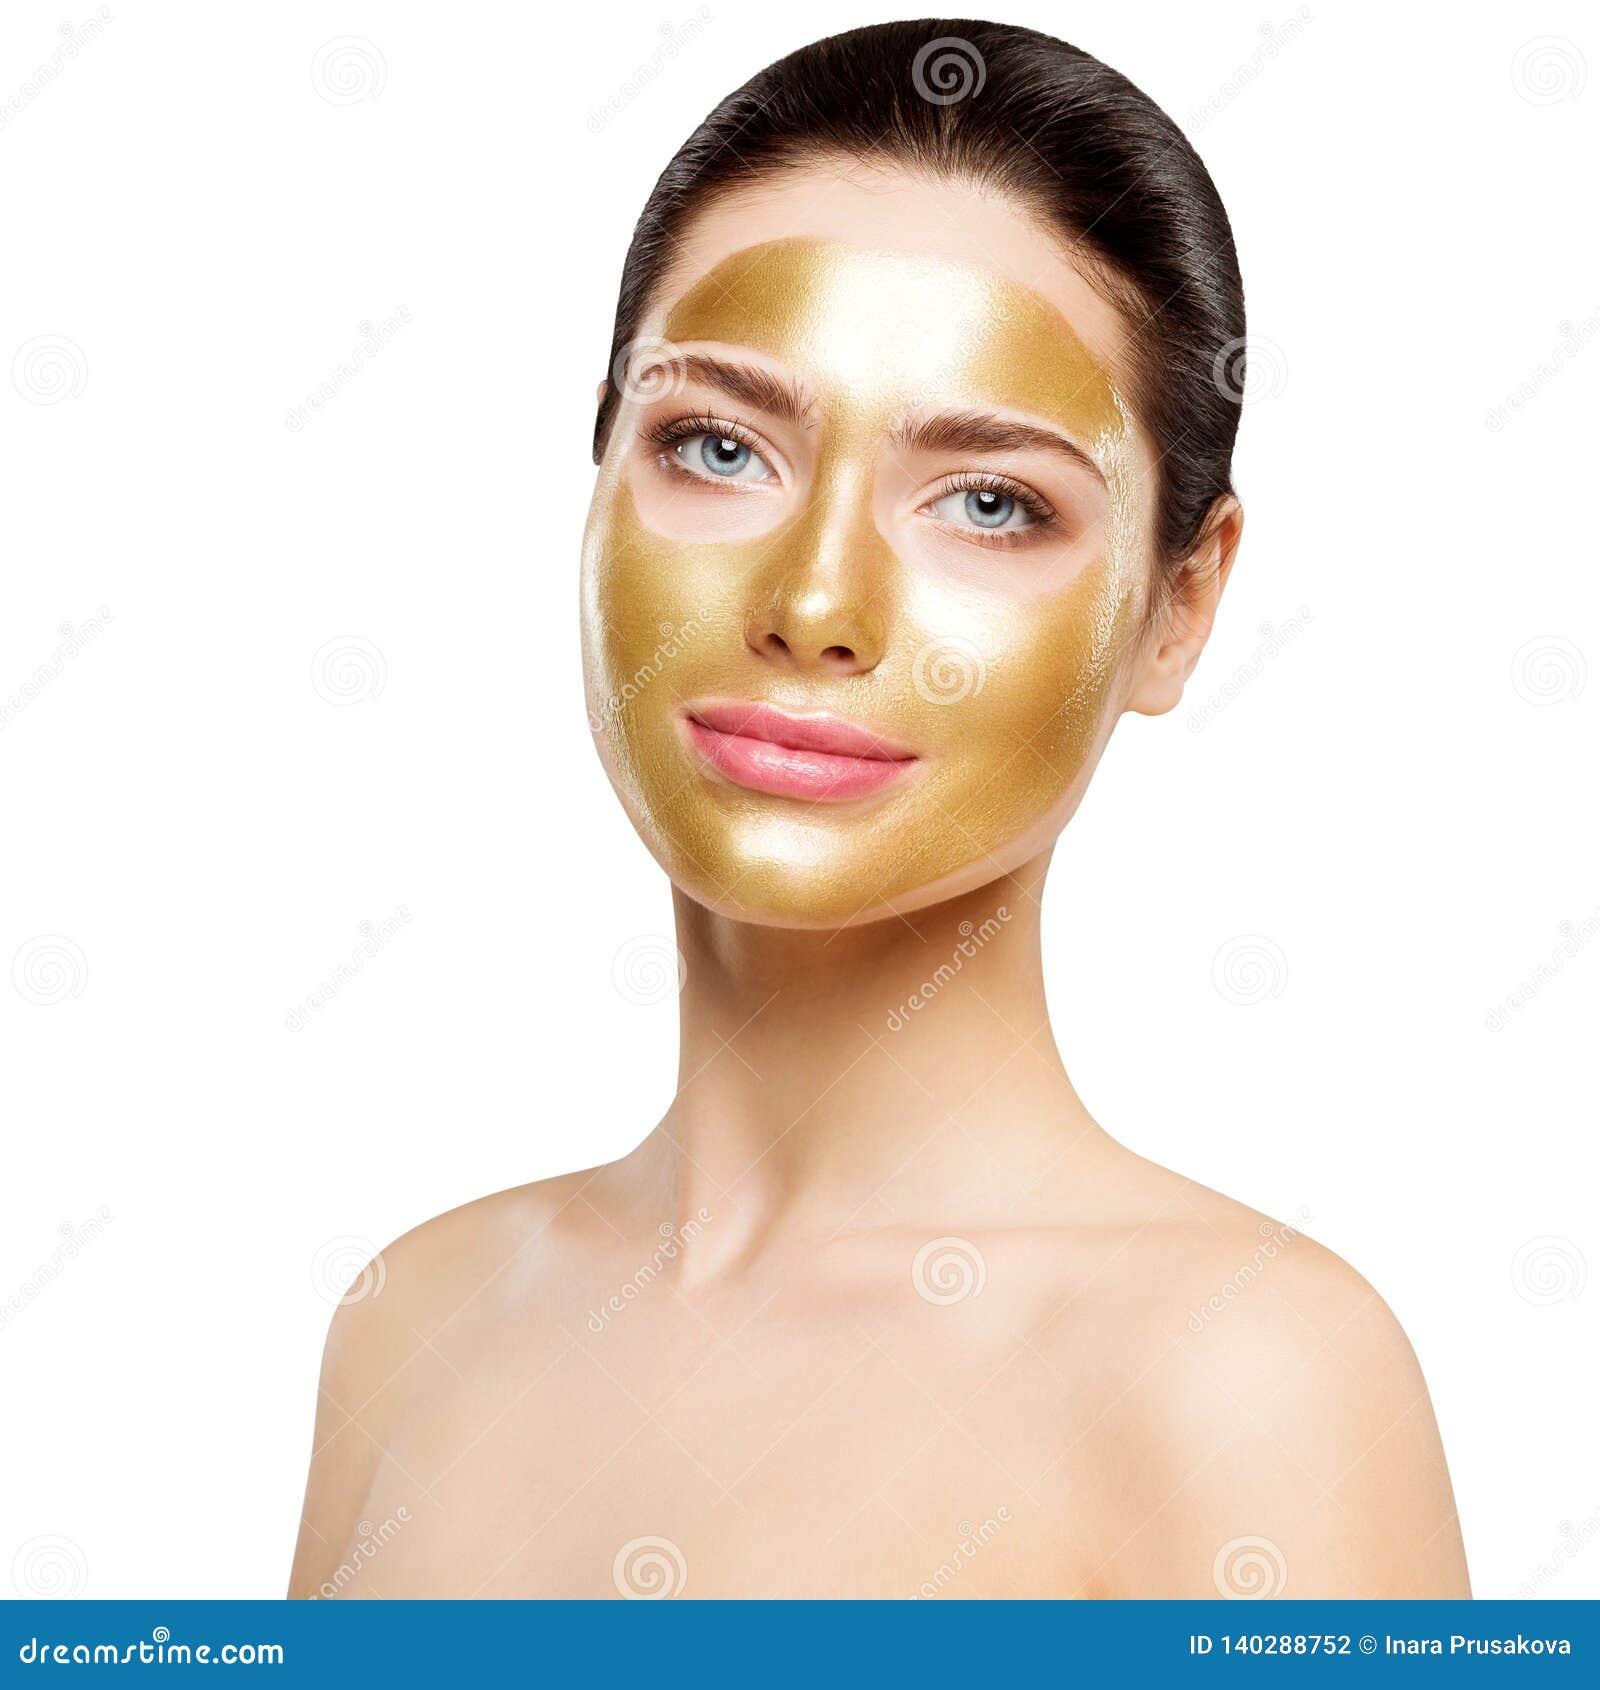 Χρυσή μάσκα γυναικών, όμορφο πρότυπο με το χρυσό του προσώπου καλλυντικό δερμάτων, ομορφιά Skincare και επεξεργασία